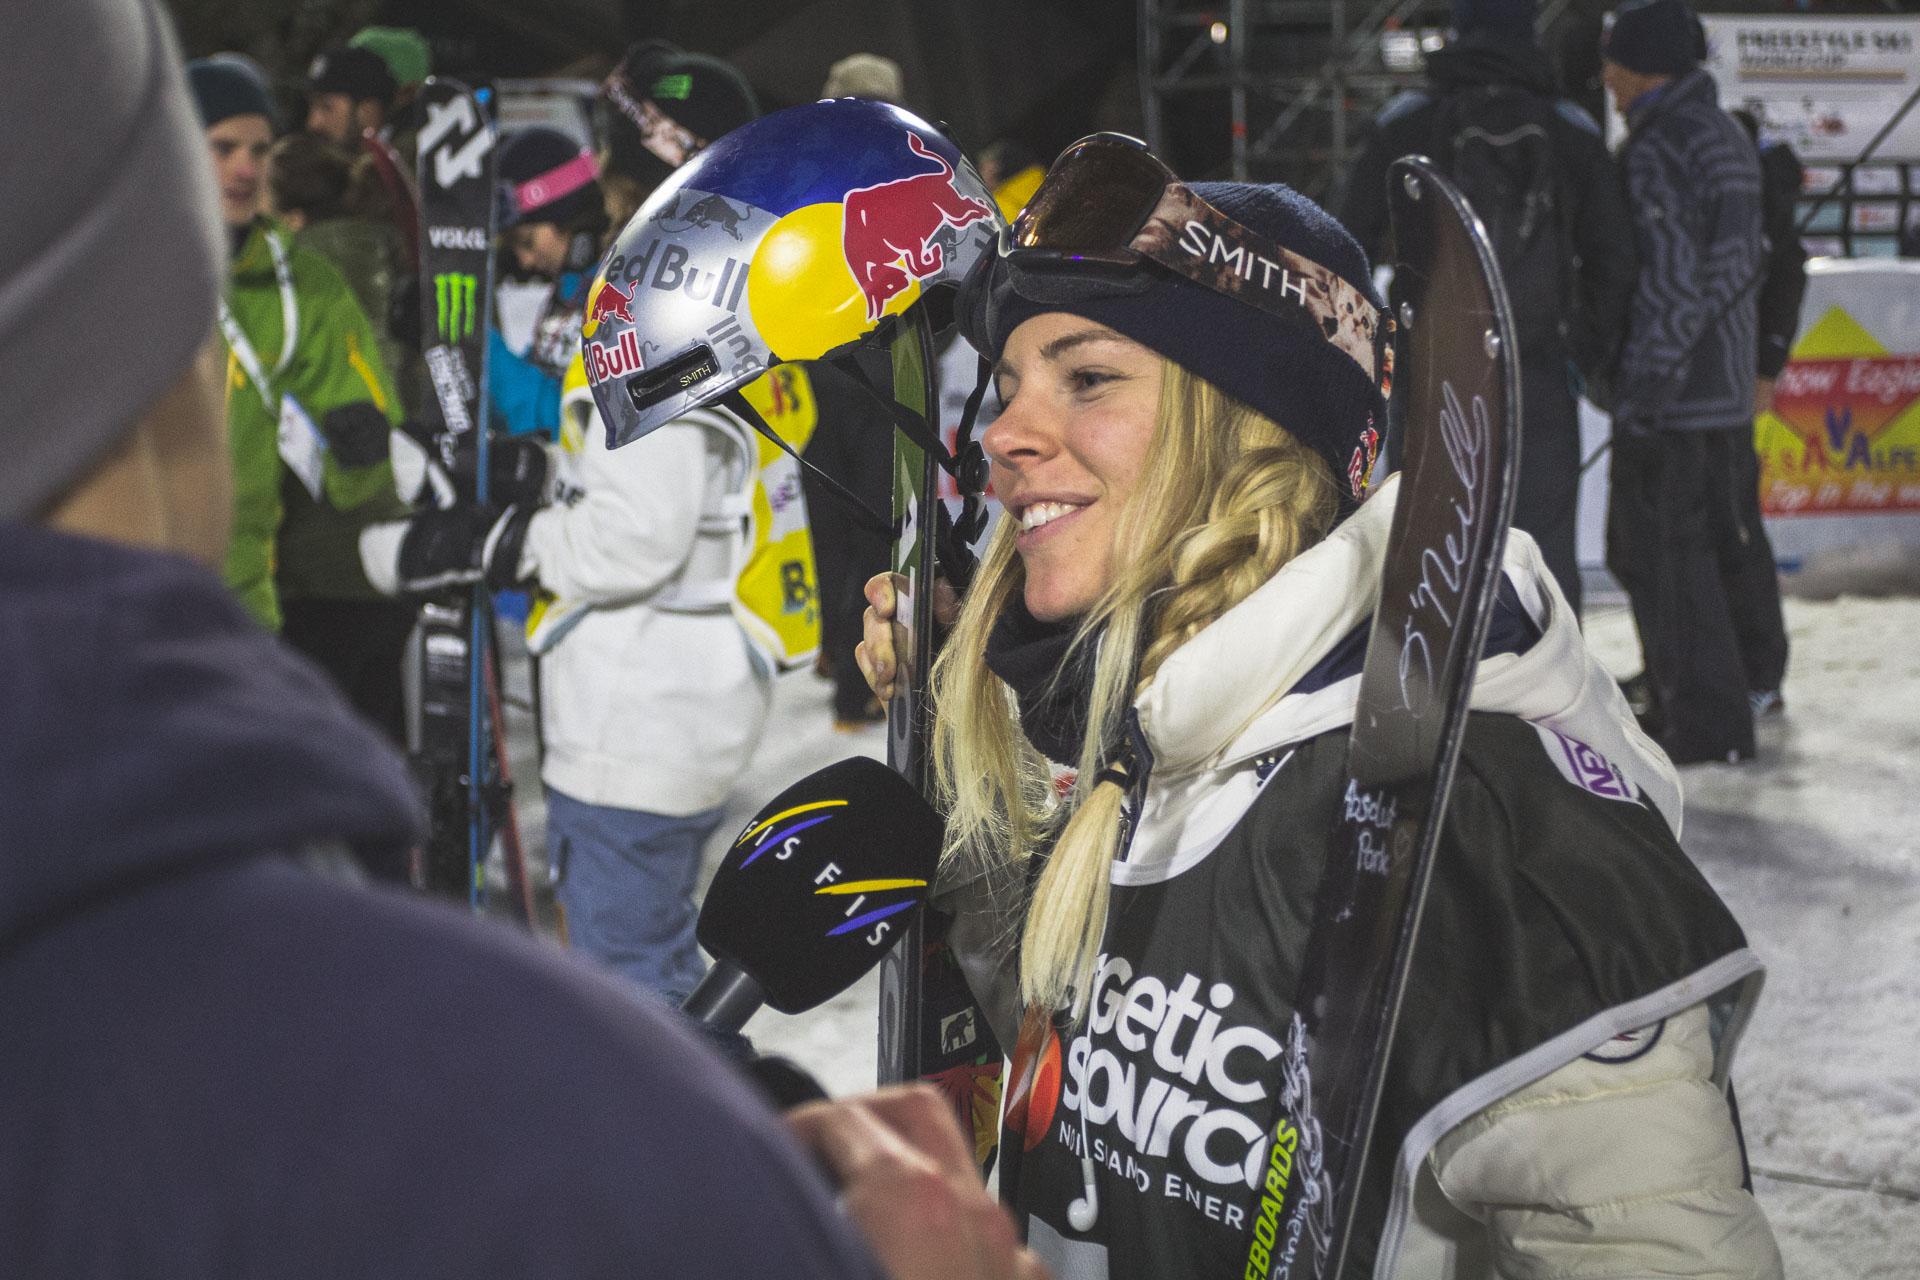 Eine gefragte Frau nach dem Ende des Finales: Lisa Zimmermann